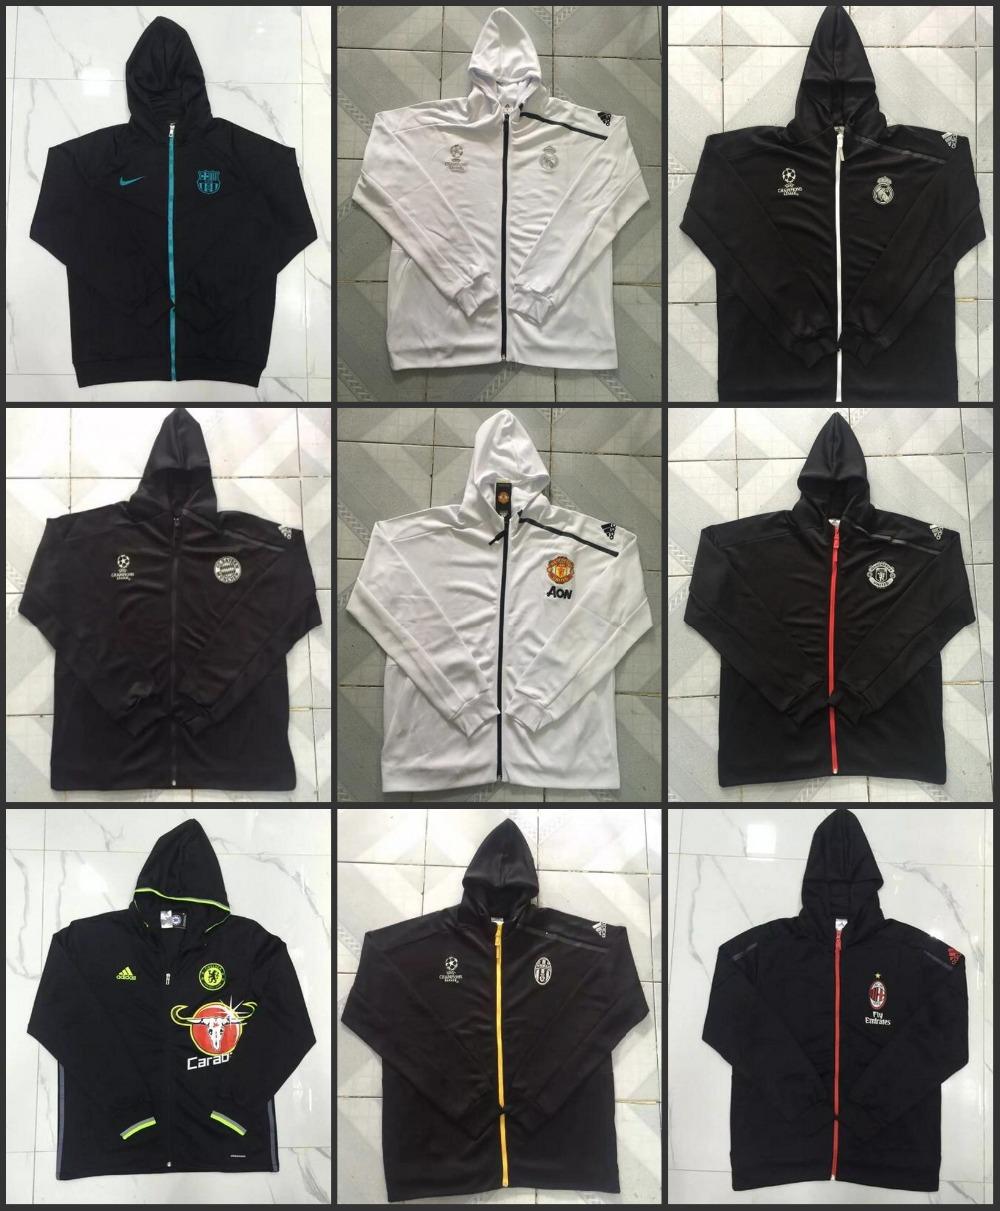 Bayernes Muniches 2017 Barcelonaes Best Quality Thai Edition Jacket 16/17 Realed Madrided Jacket Juventuses Free Shipping(China (Mainland))